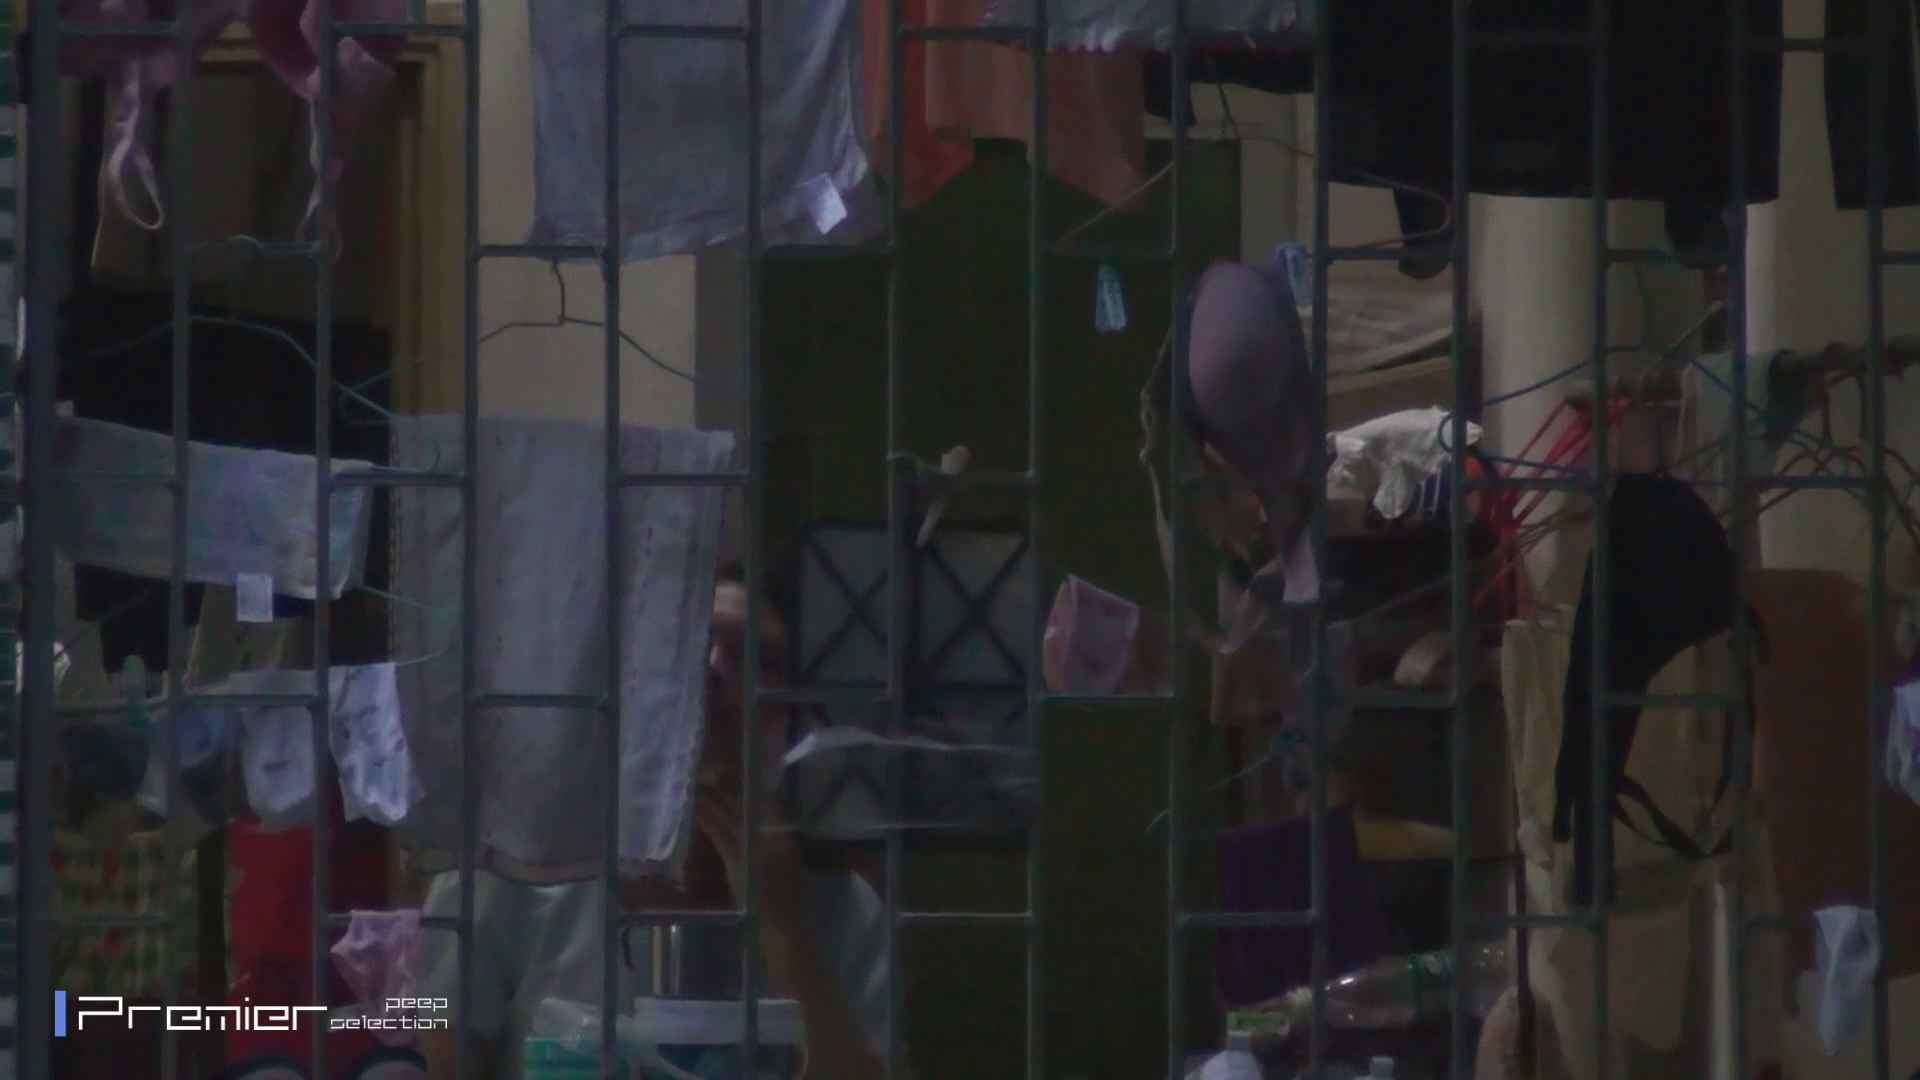 激撮り美女の洗顔シーン Vol.05 美女の痴態に密着! 高画質動画 オメコ無修正動画無料 92画像 59